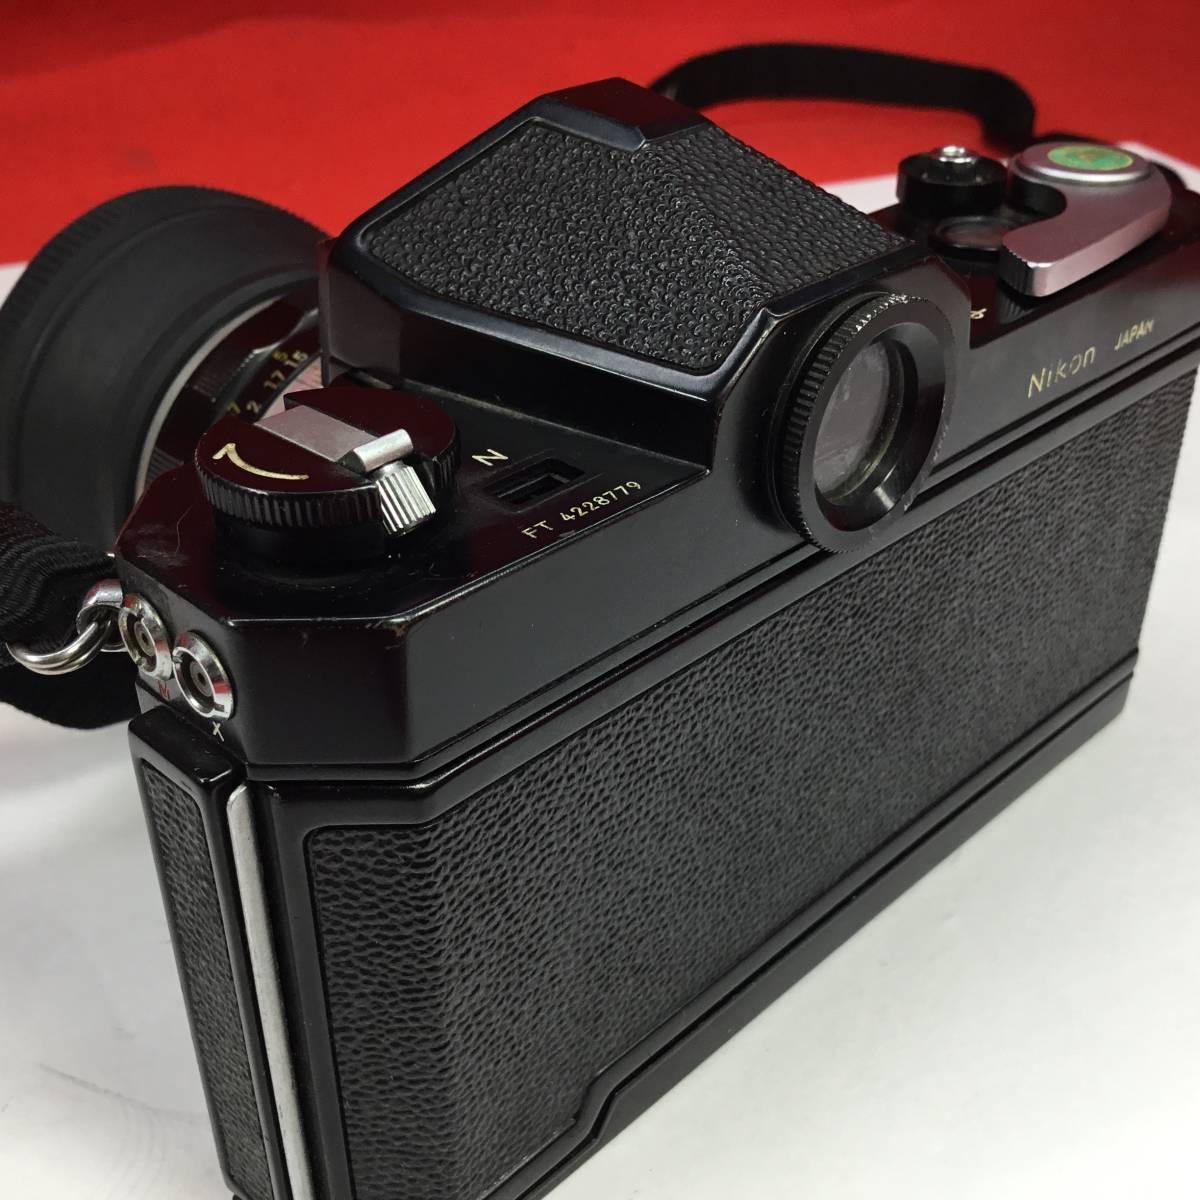 一眼レフカメラ Nikomat FT レンズ Nikon NIKKOR-H Auto 1:2 f=50mm ニコマート_画像3